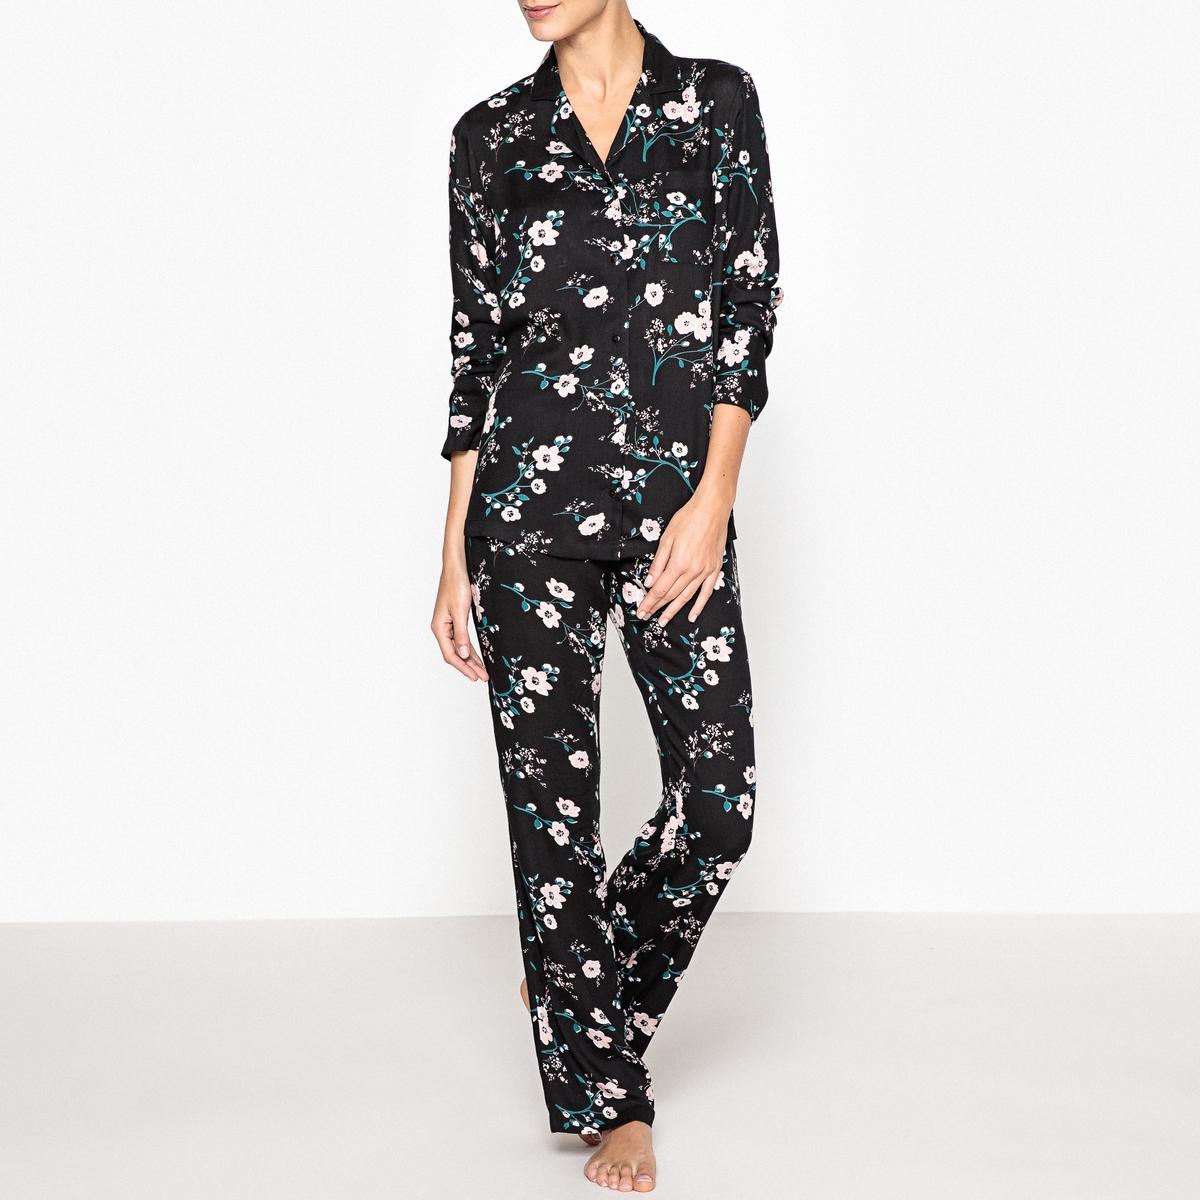 Пижама с цветочным рисункомКрасивая пижама в японском стиле с цветочным рисунком, очень женственная, стильная и современная, покрой в духе прошлых времен. Состав и описаниеПижама прямого покроя.Низ с карманами и эластичным поясом. Материал : 100% вискозаДлина : Длина по внутр.шву: 76 смРубашка: 68 смУход : Стирать при 30° с вещами схожих цветовСтирка и глажка с изнаночной стороныМашинная сушка запрещена<br><br>Цвет: черный/в цветочек<br>Размер: 46 (FR) - 52 (RUS).52 (FR) - 58 (RUS)